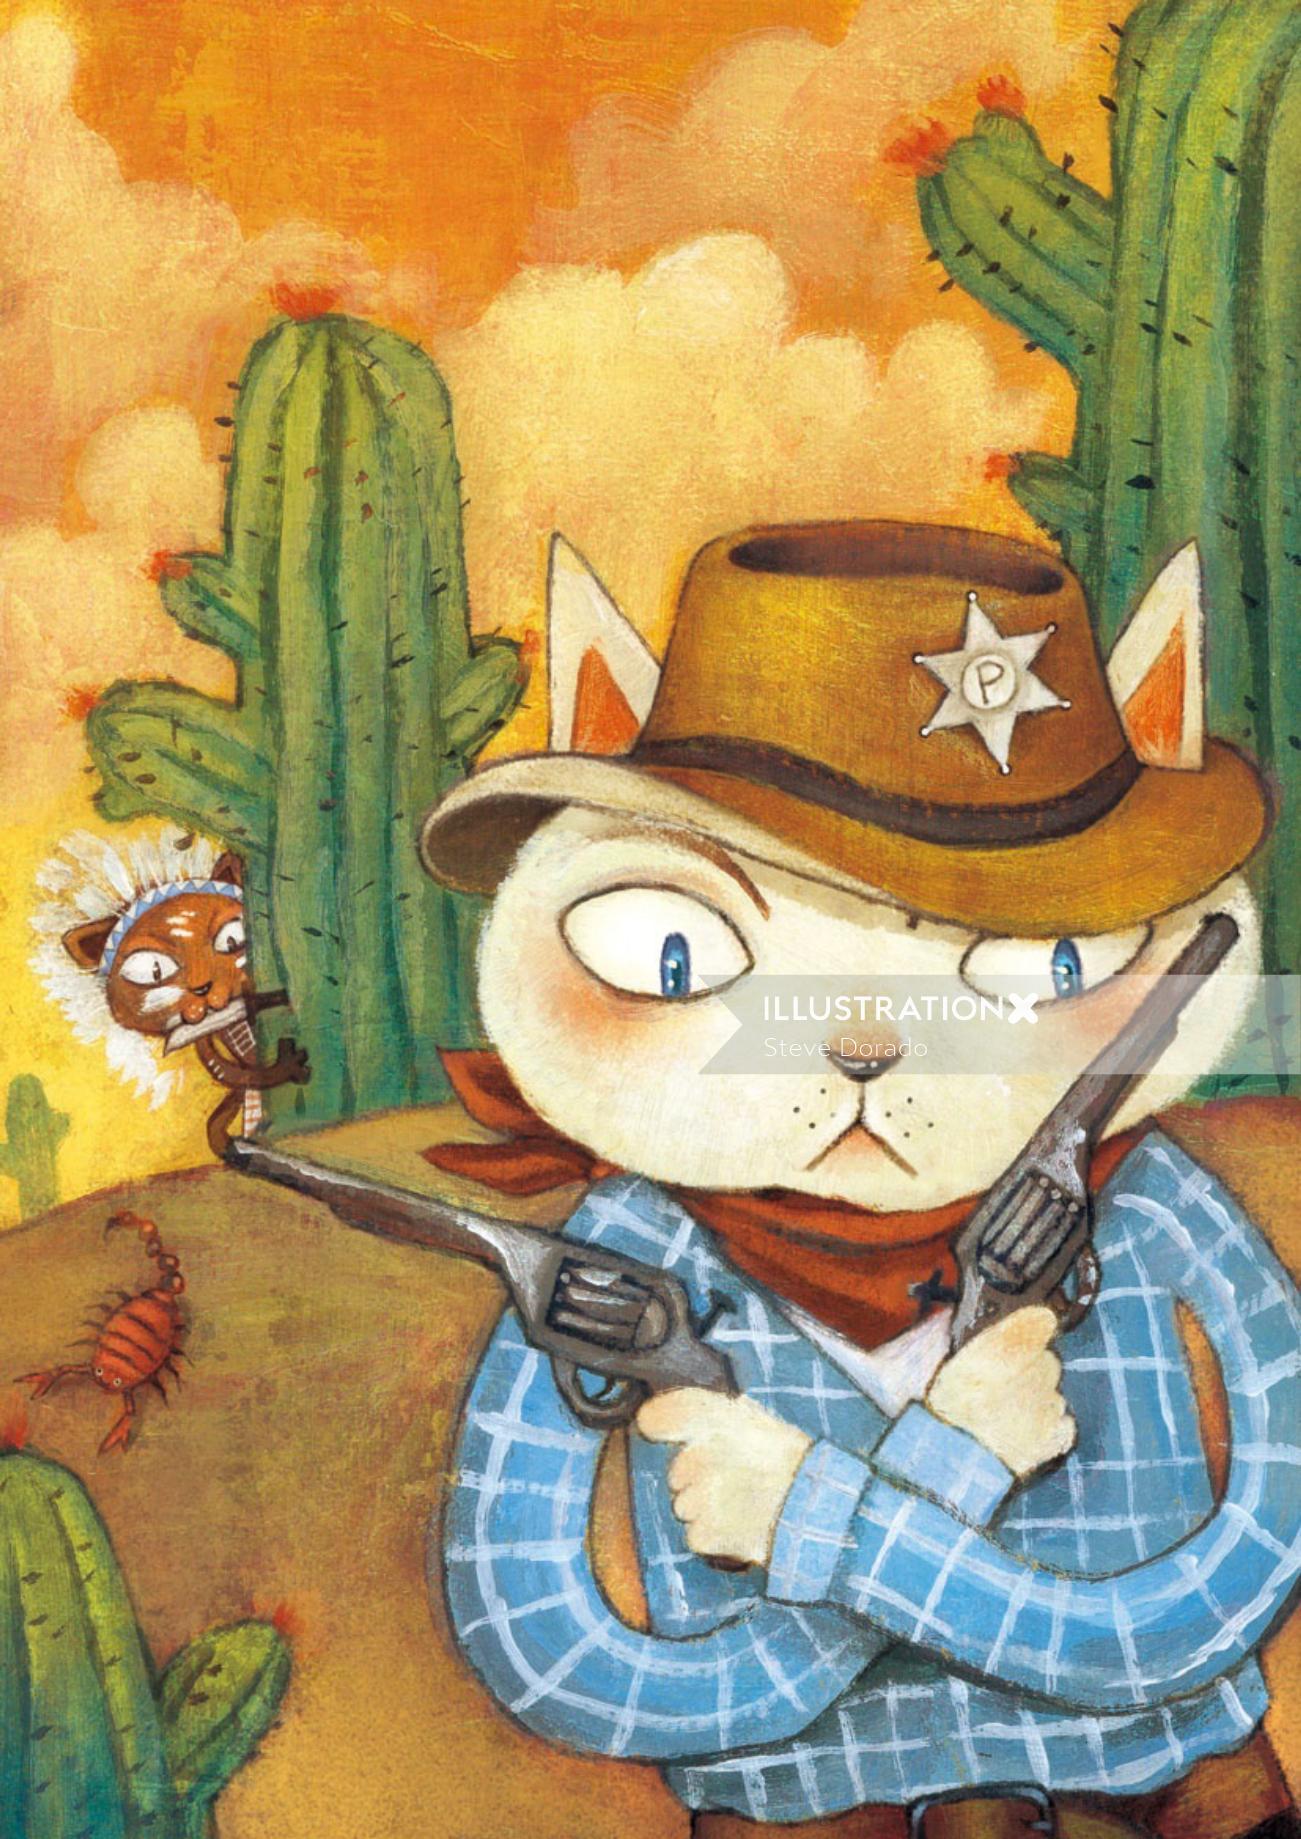 cowboy for children book